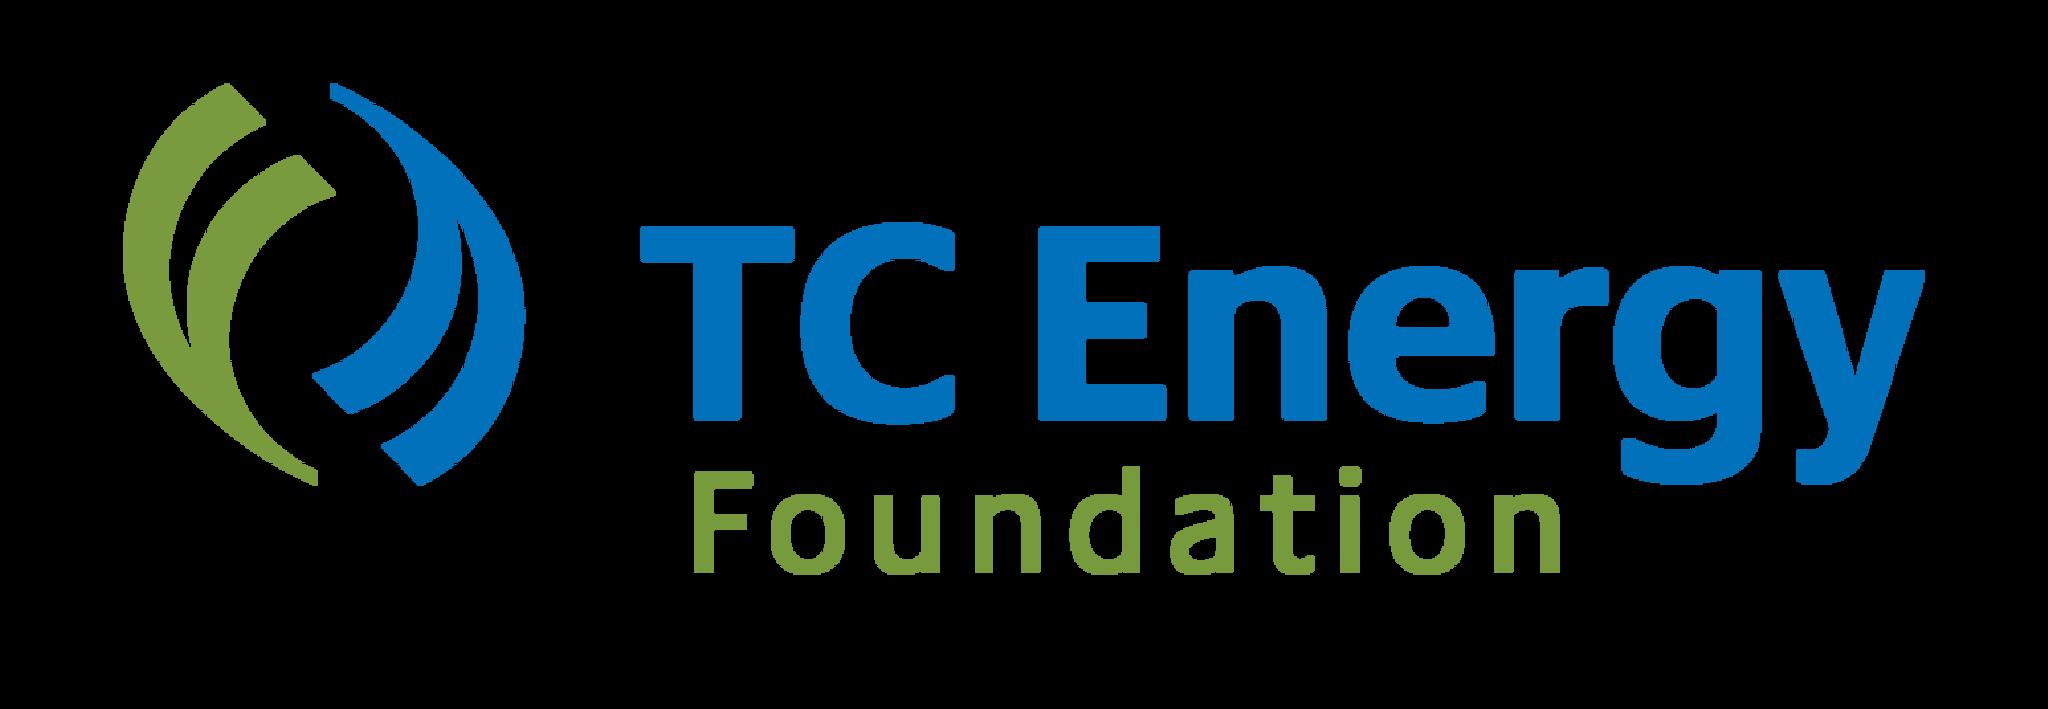 TC Energy